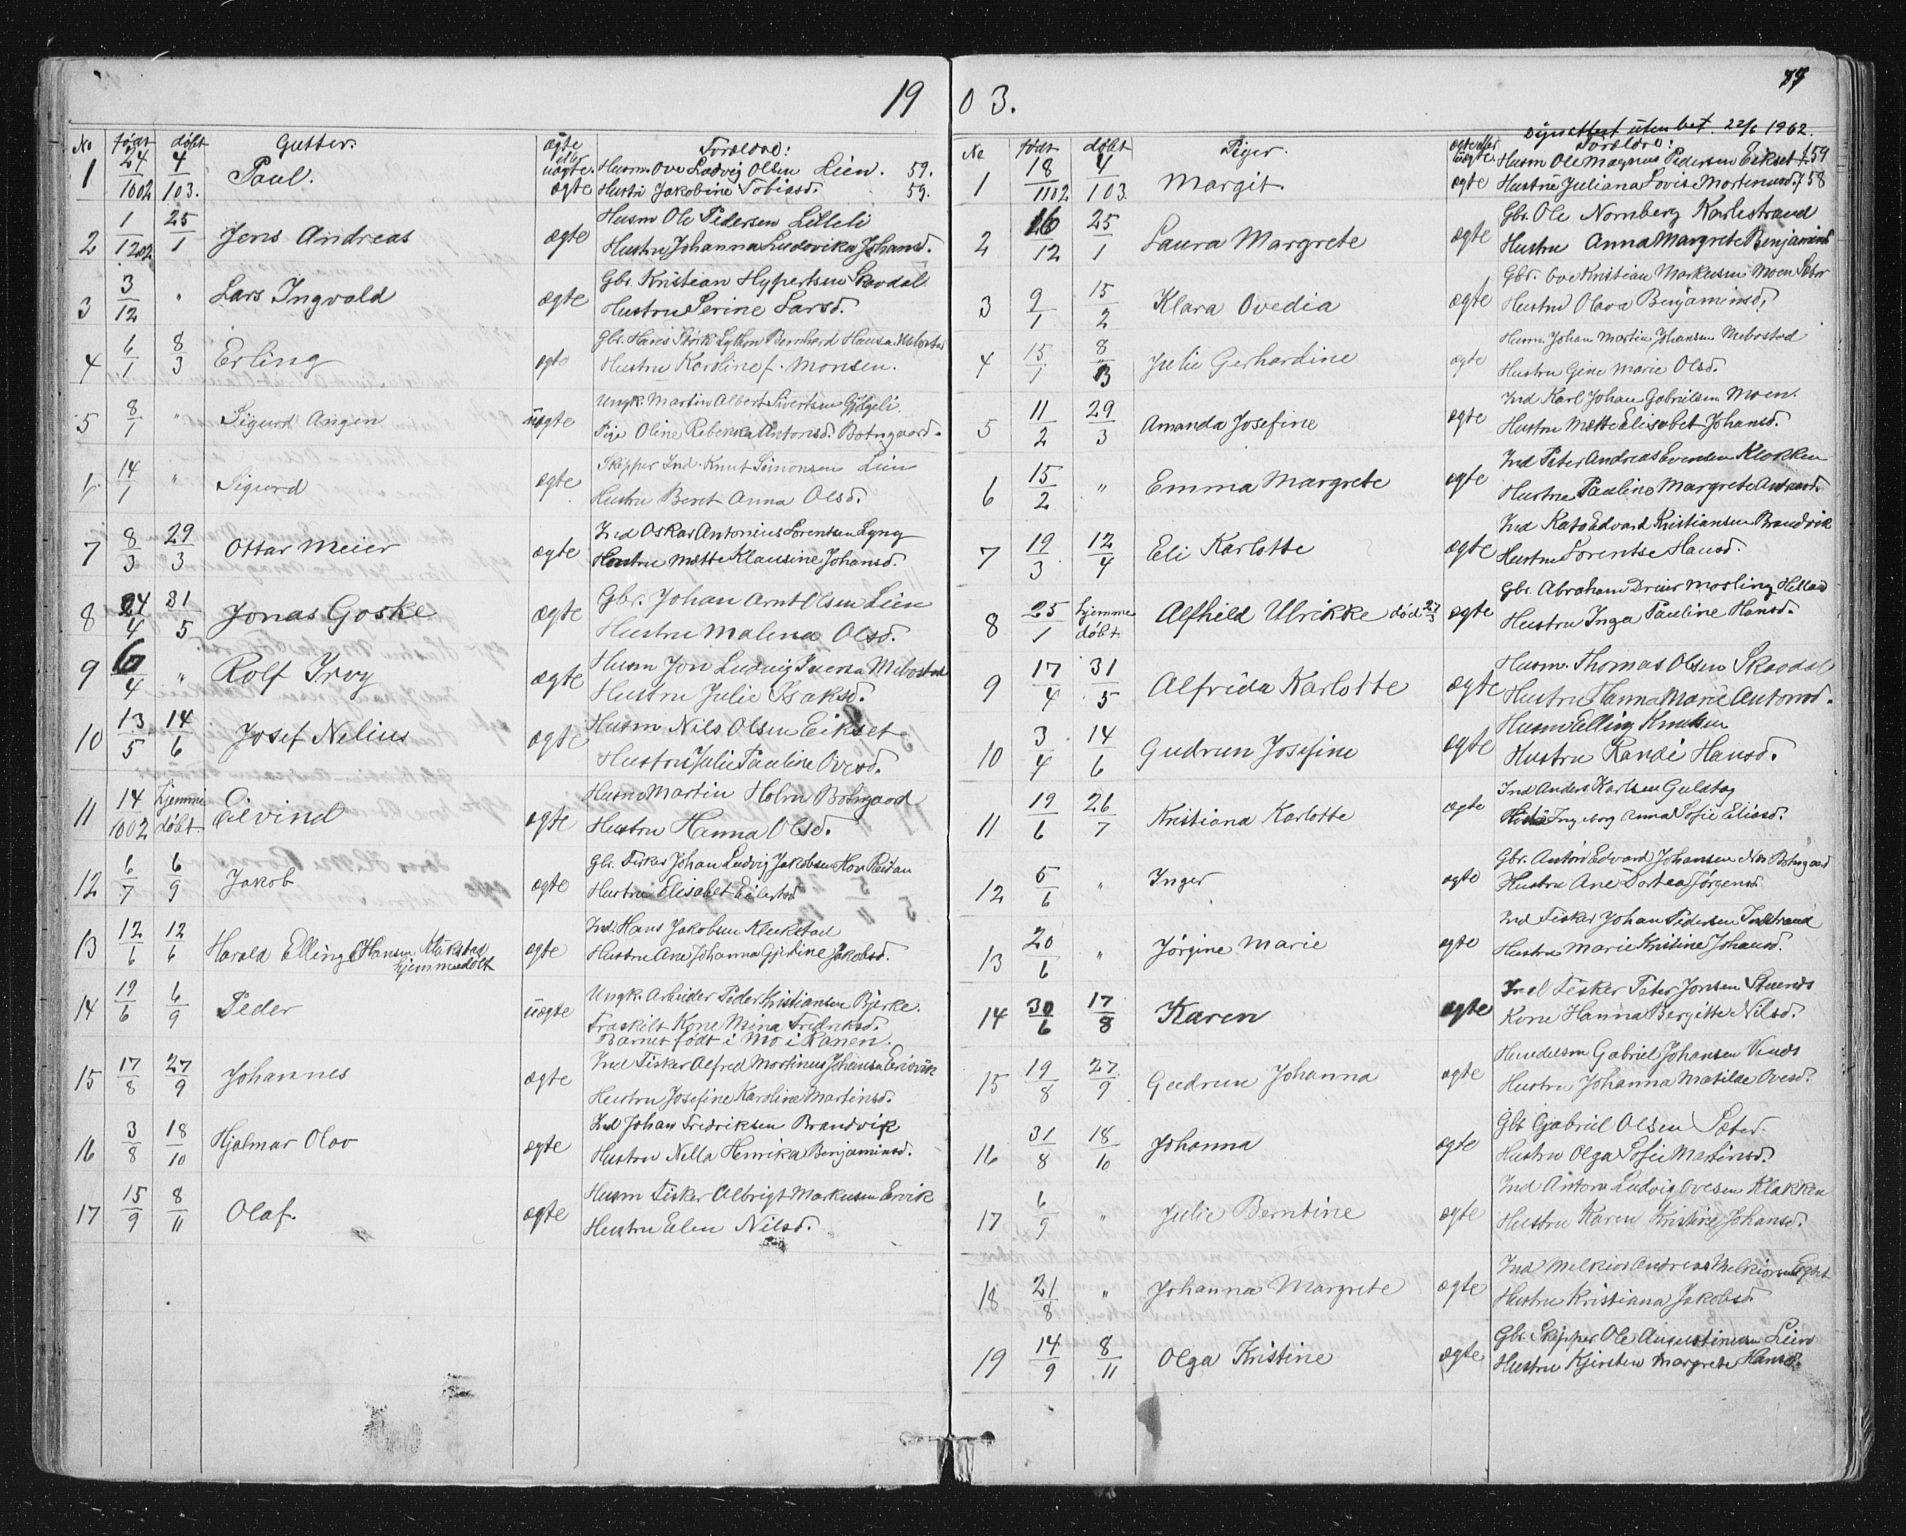 SAT, Ministerialprotokoller, klokkerbøker og fødselsregistre - Sør-Trøndelag, 651/L0647: Klokkerbok nr. 651C01, 1866-1914, s. 44